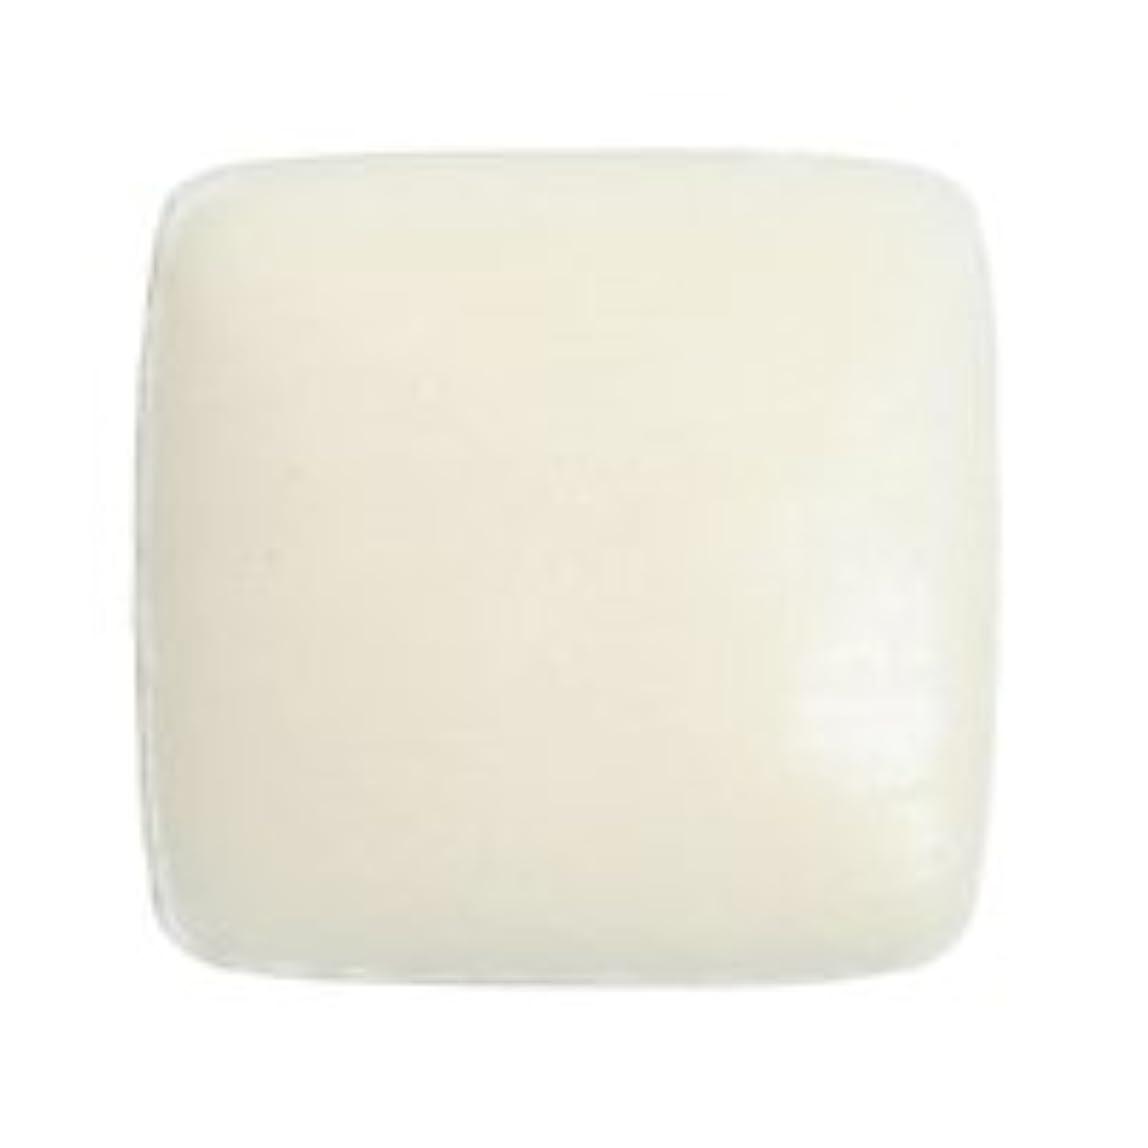 付属品ドル言及するドクターY ホワイトクレイソープ80g 固形石鹸